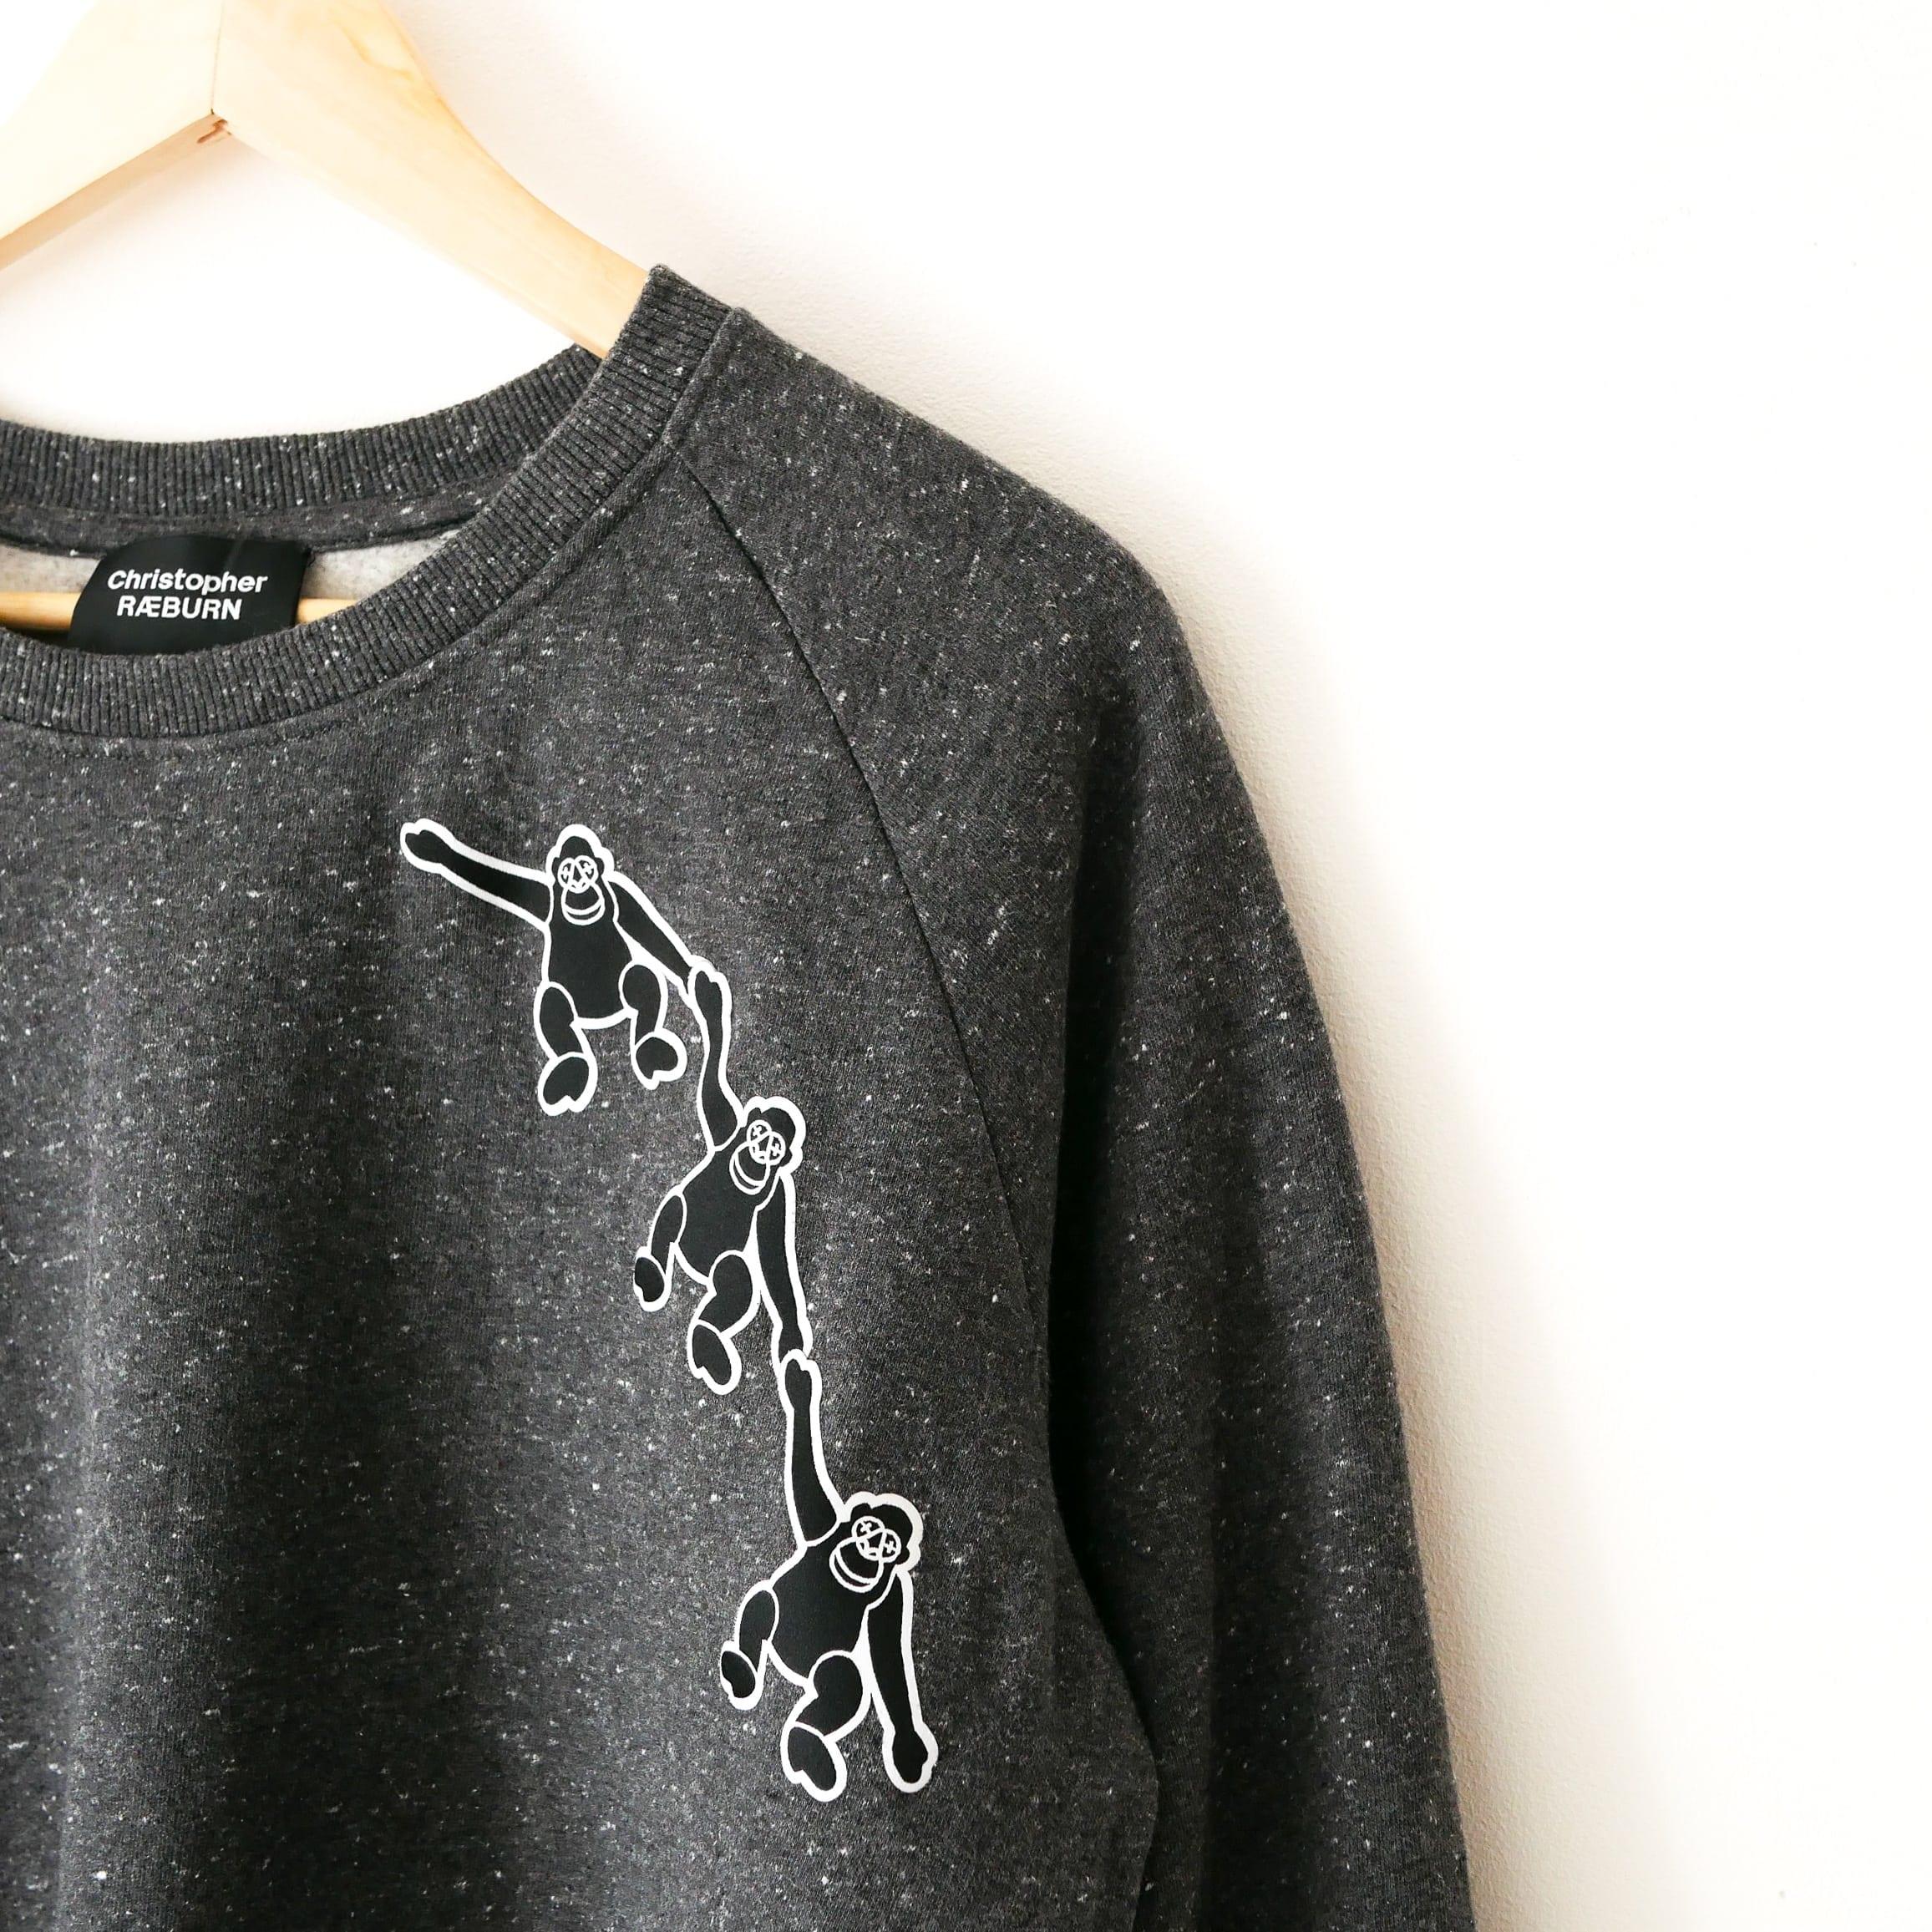 Christopher Raeburn monkeys custom sweater